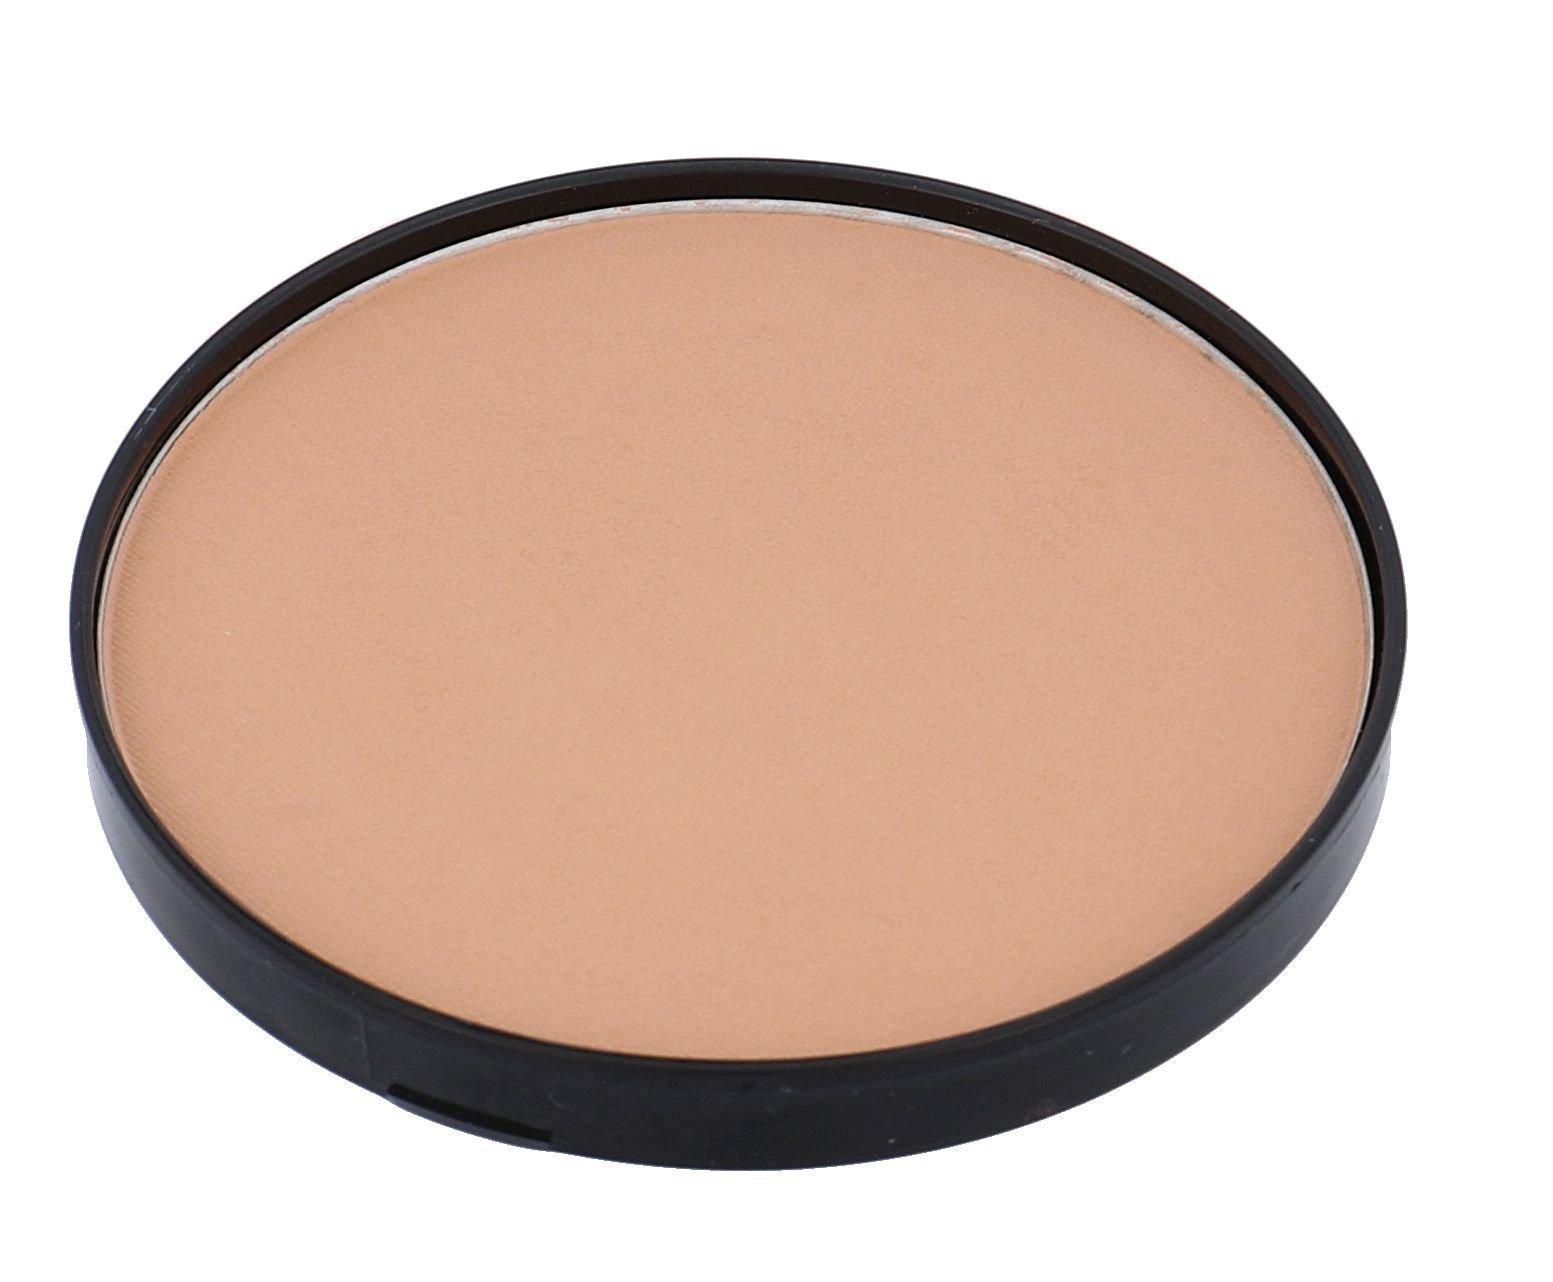 Artdeco High Definition Cosmetic 10ml 6 Soft Fawn